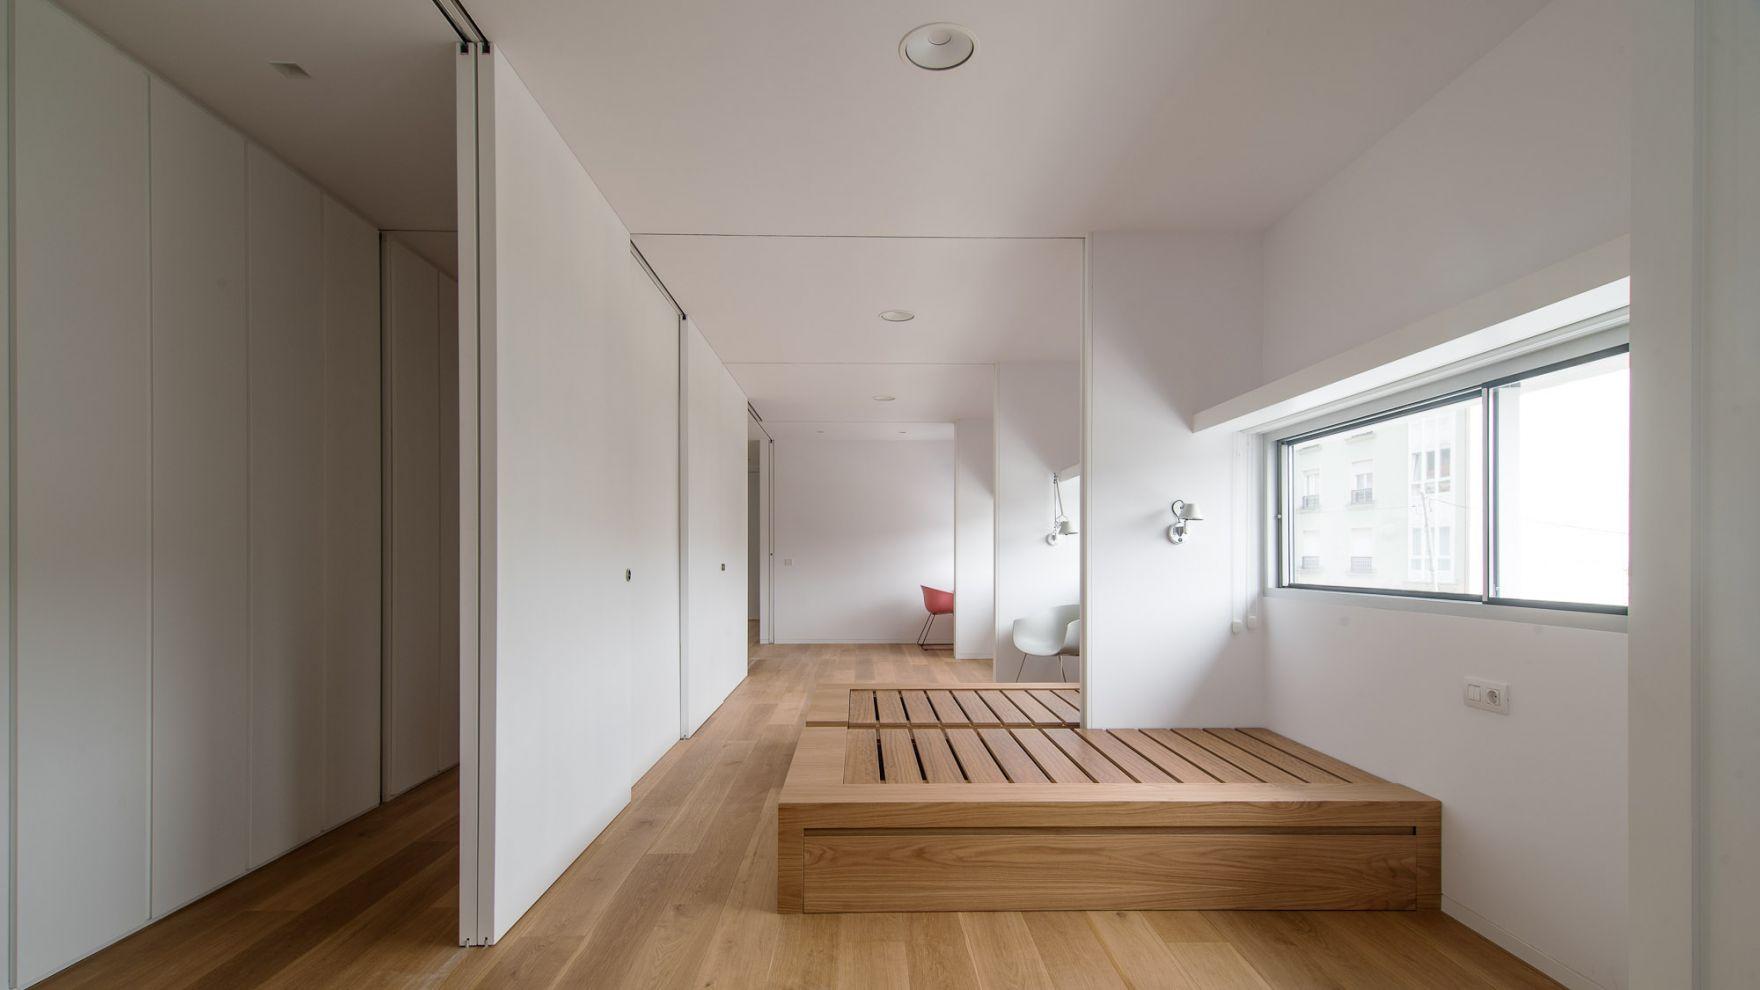 Carpintería interior | klein